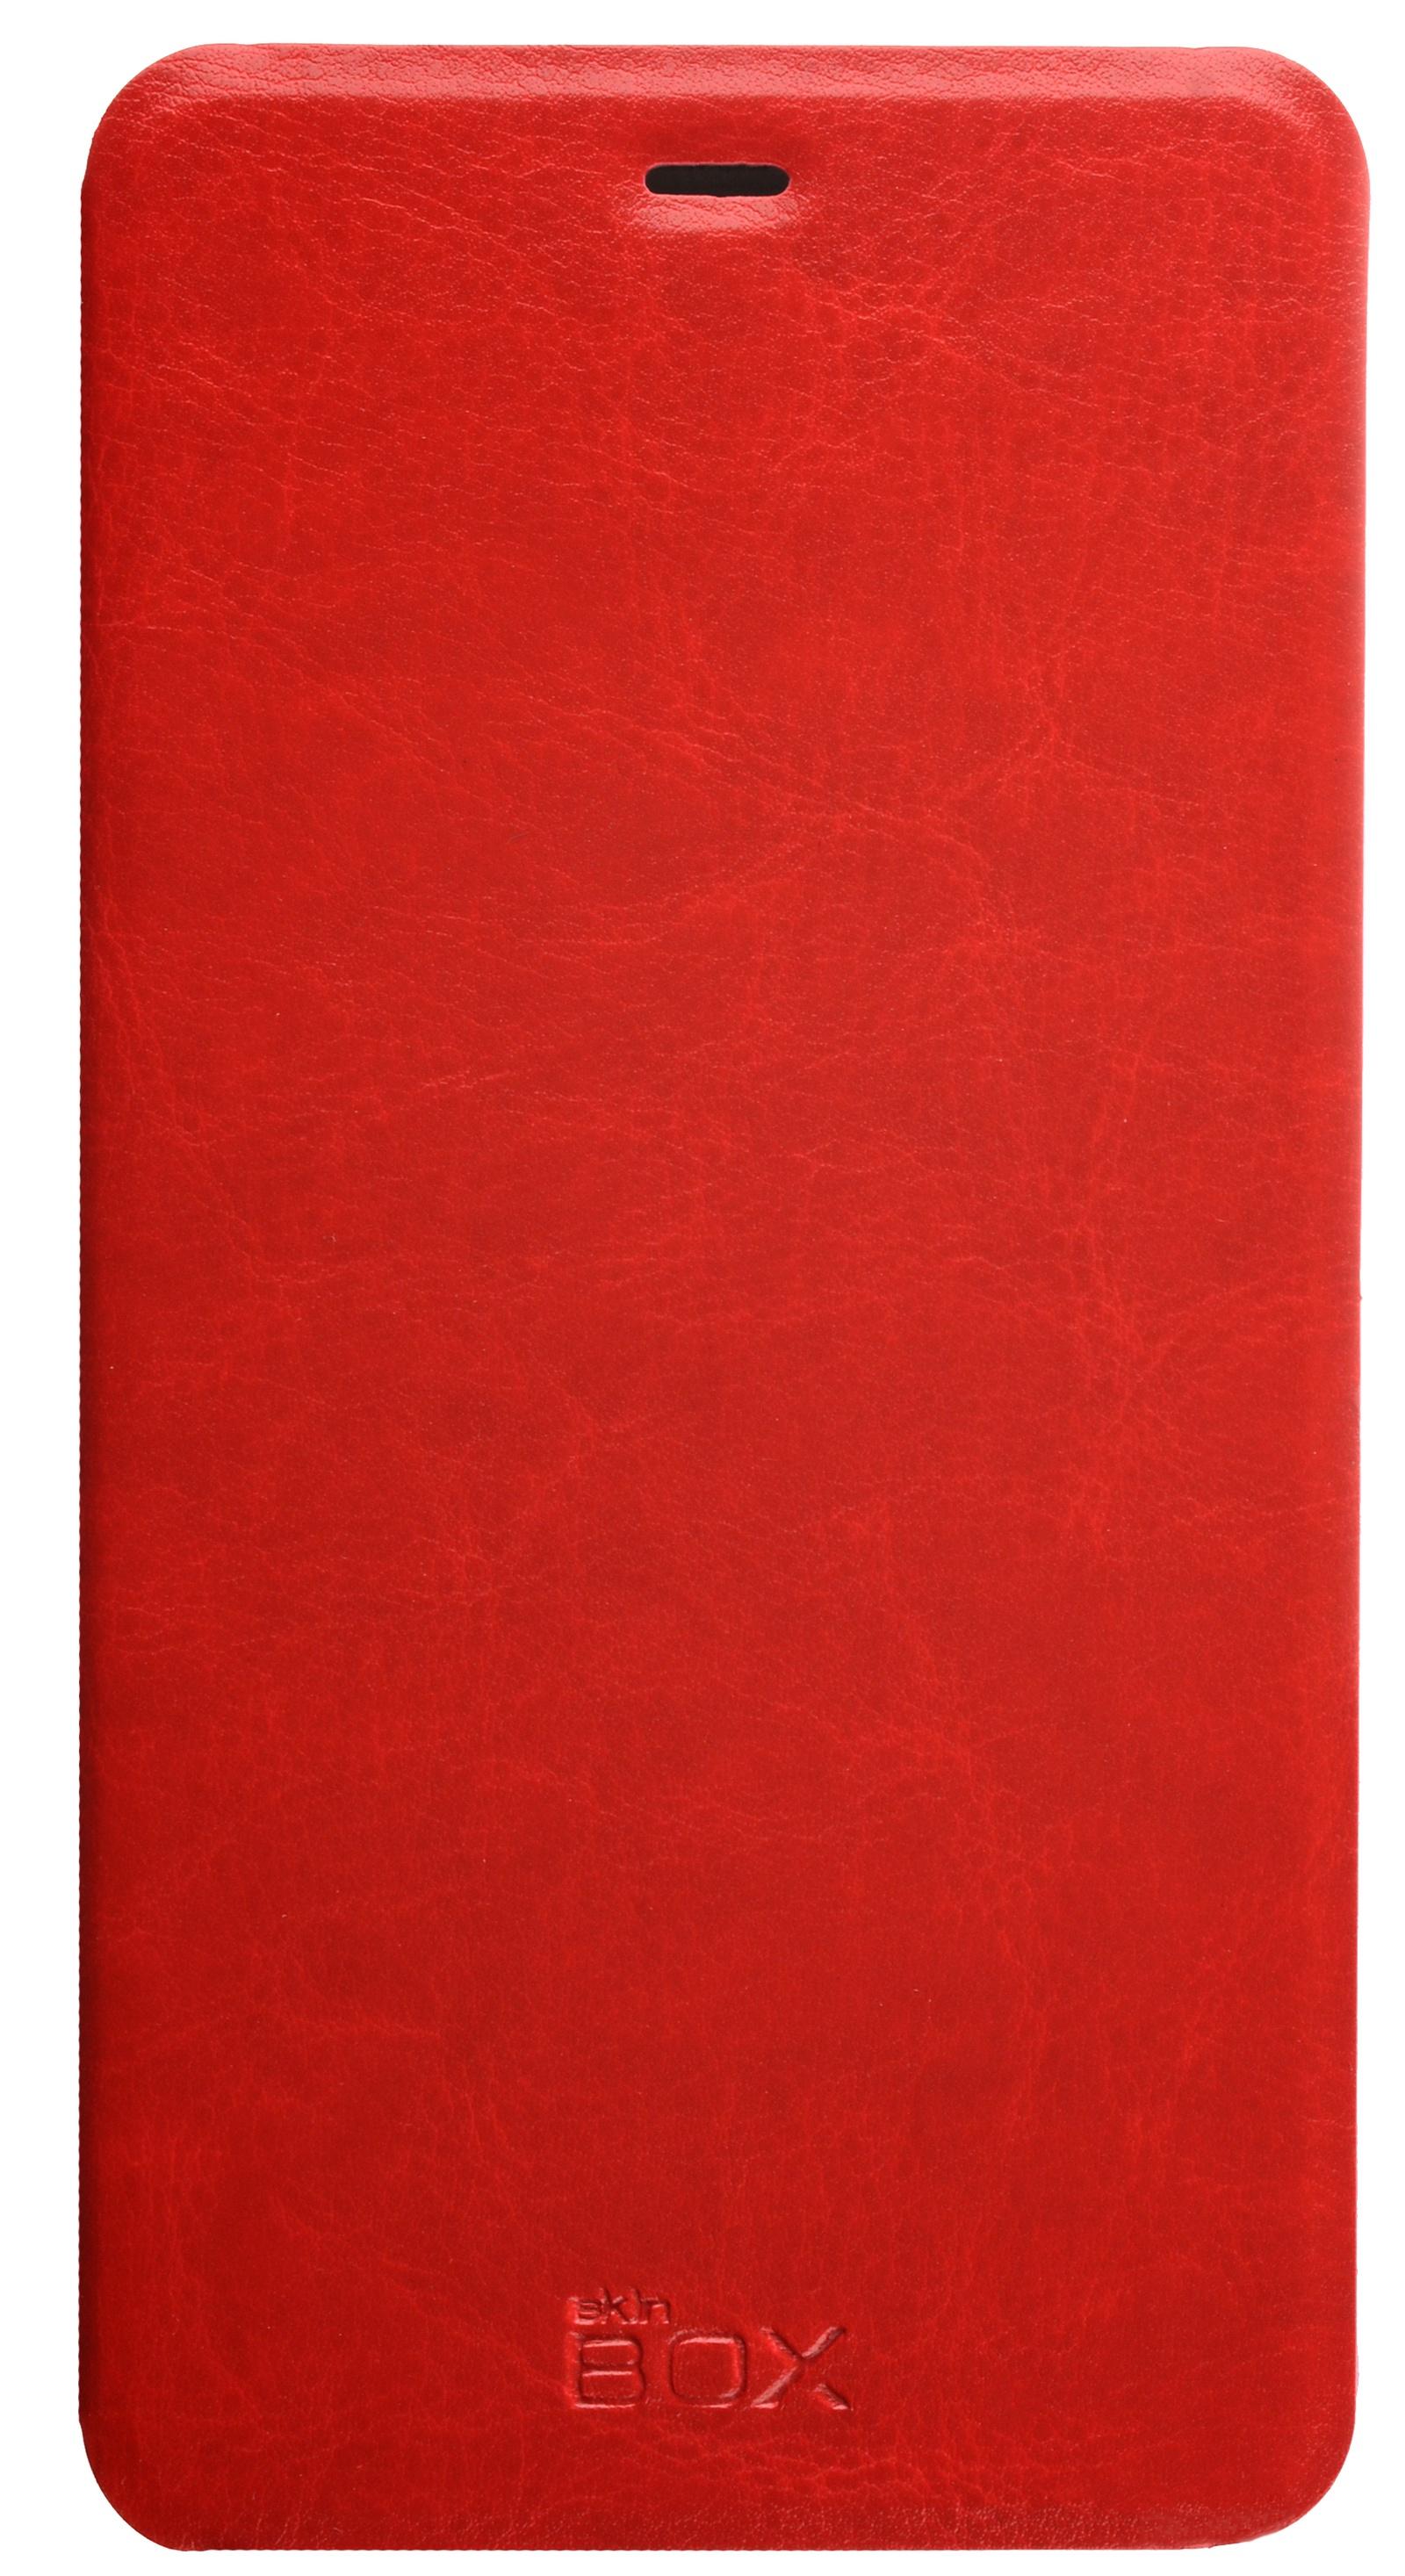 Чехол для сотового телефона skinBOX Lux, 4630042525320, красный